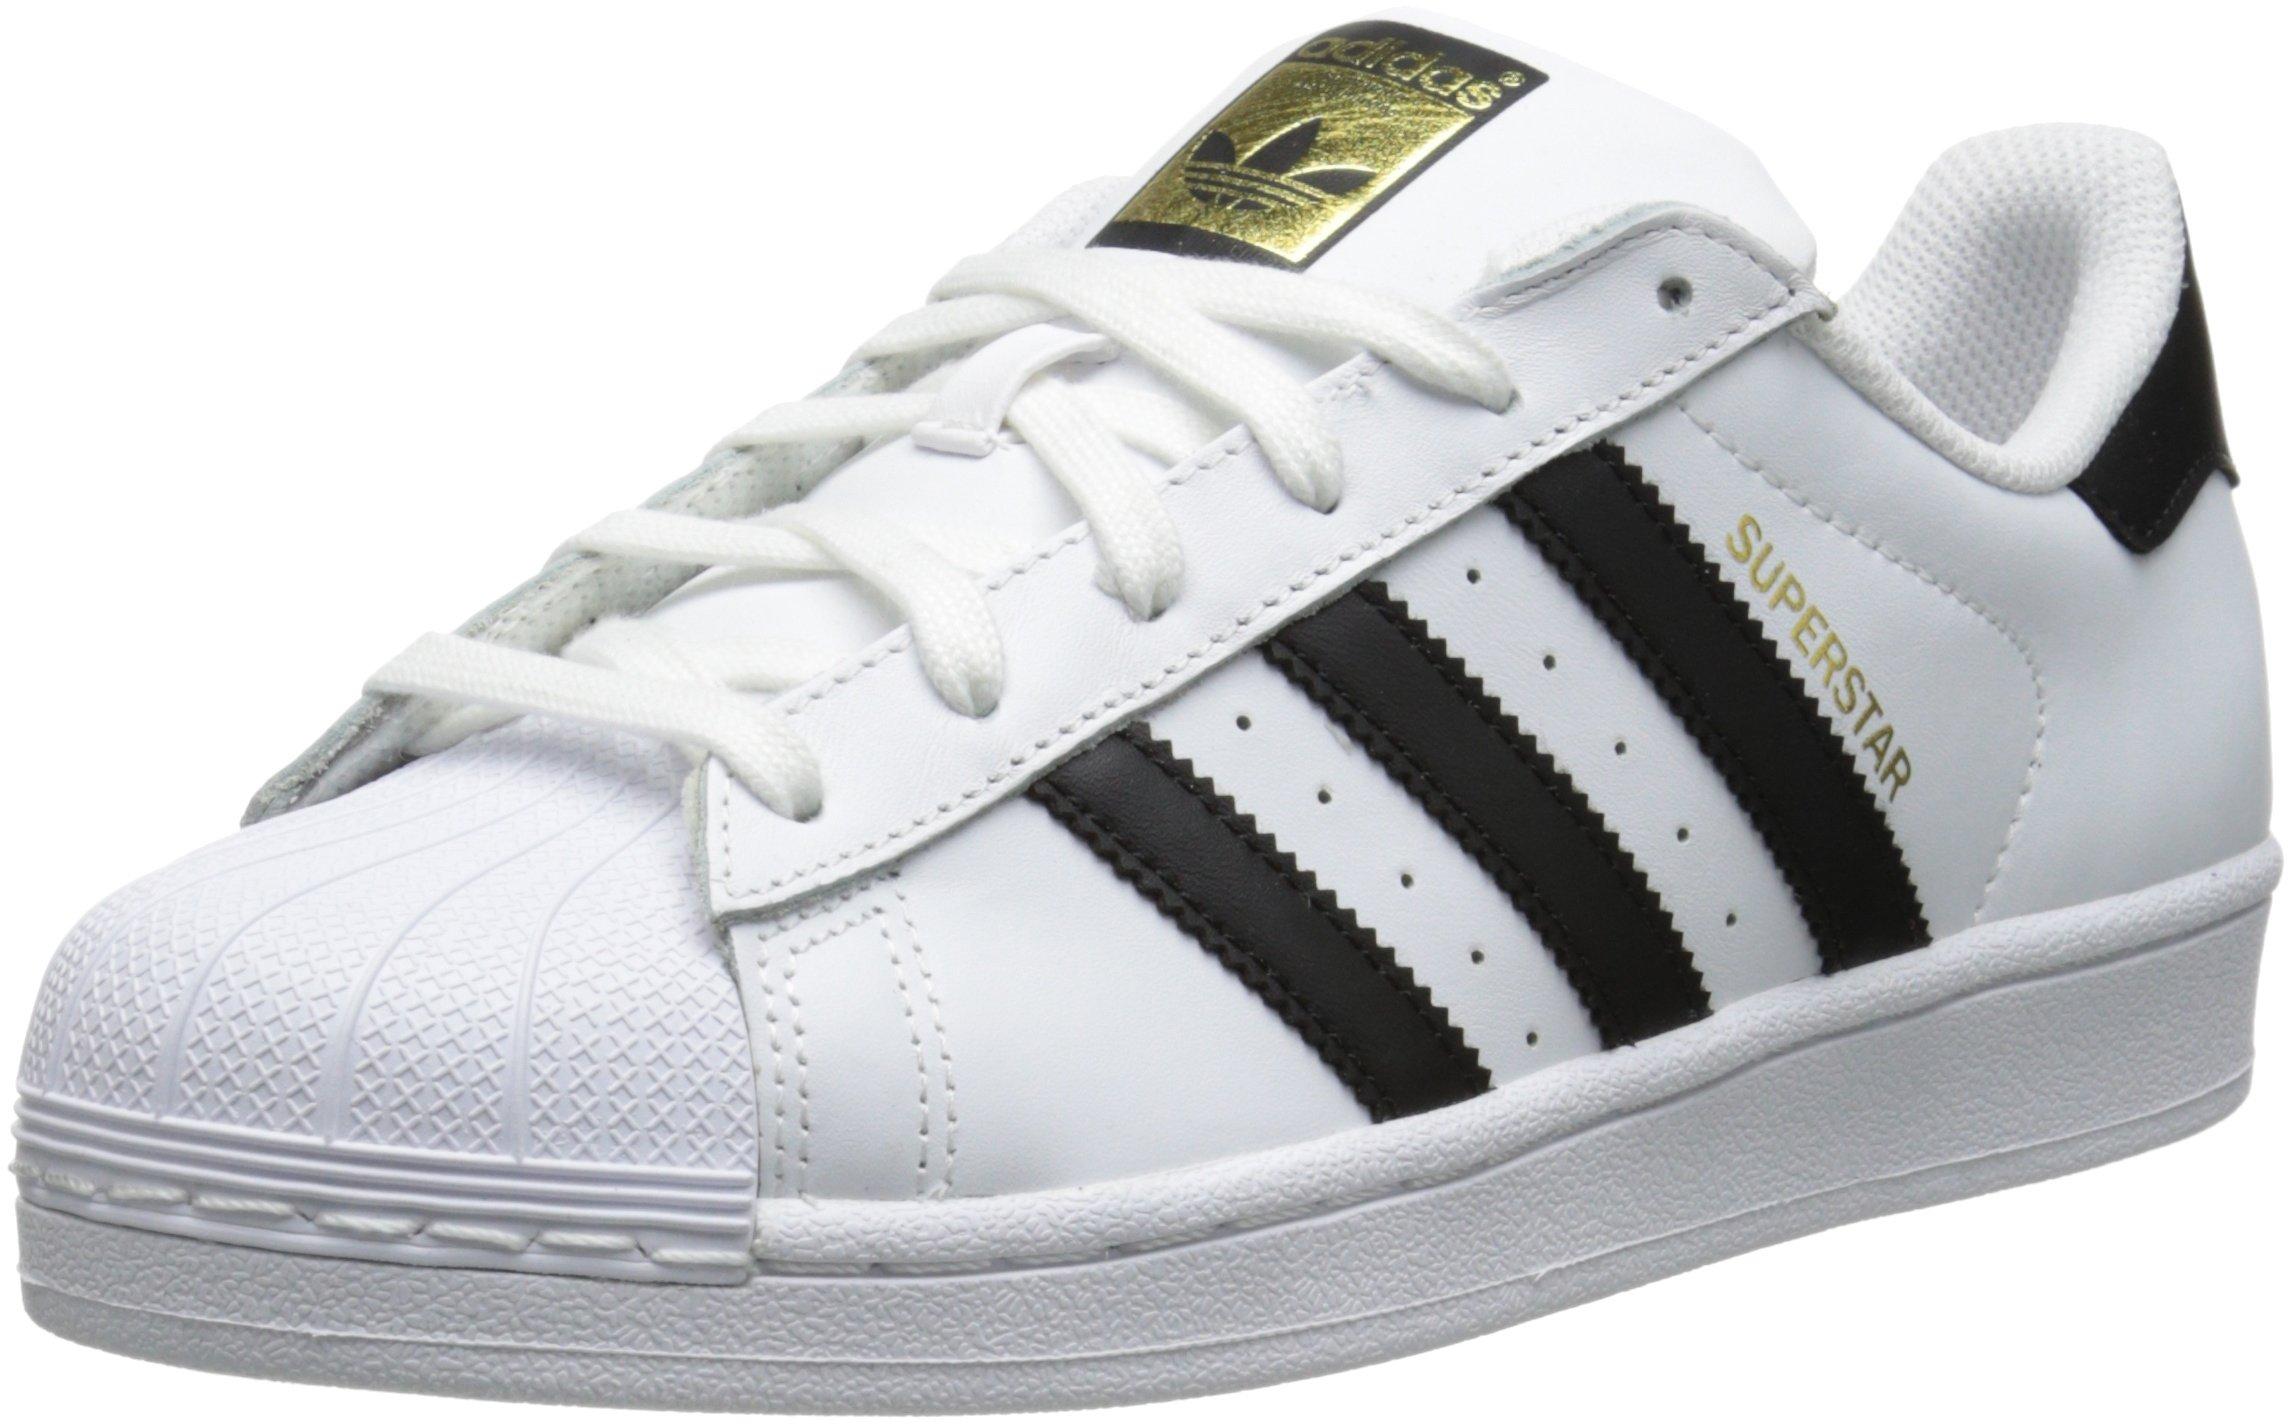 adidas Originals Women's Superstar W Fashion Sneaker, White/Black/White, 9 M US